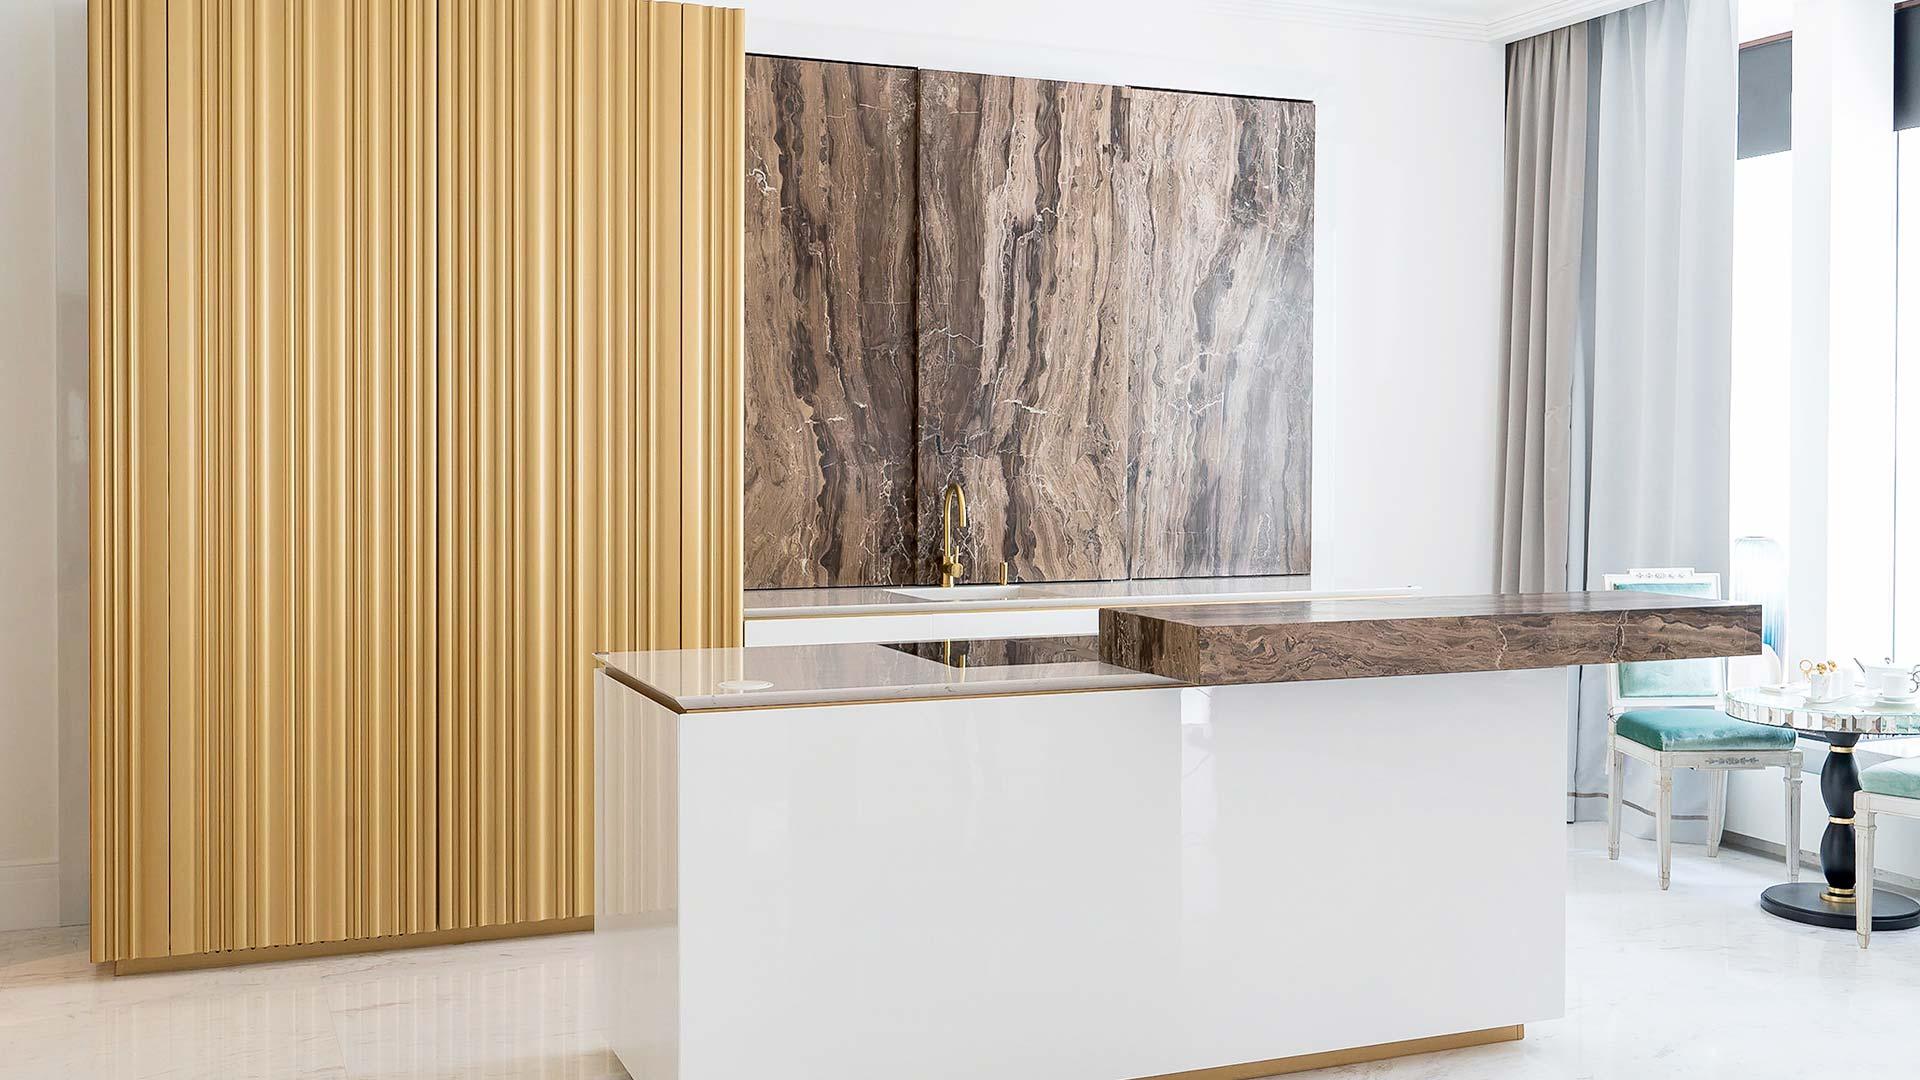 Cucina personalizzata con lato colonne e isola a San Pietroburgo - TM Italia - 201906-Cucina-personalizzata-con-lato-colonne-e-isola-1